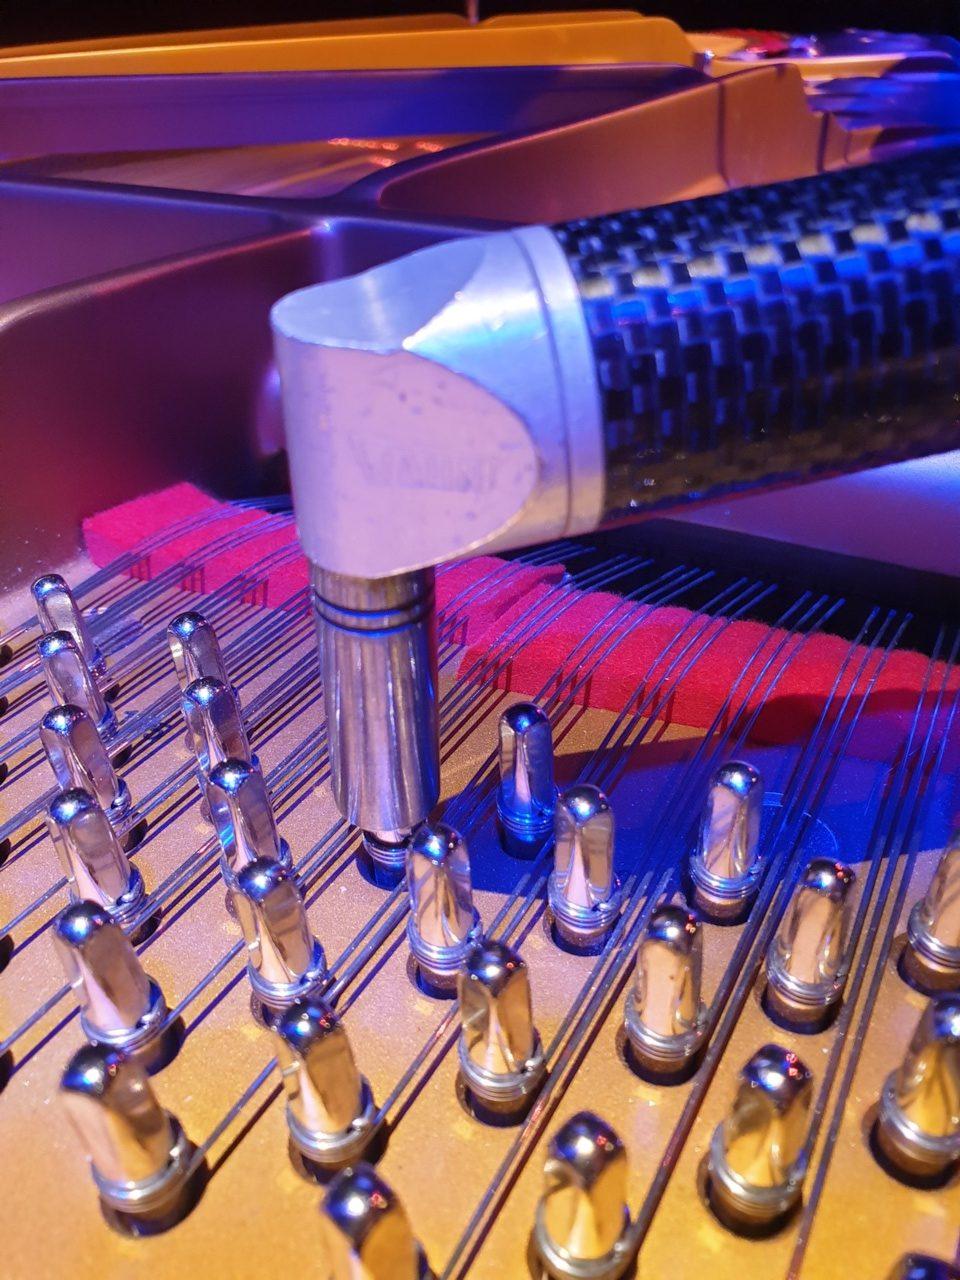 accordeur pianos steinway & sons